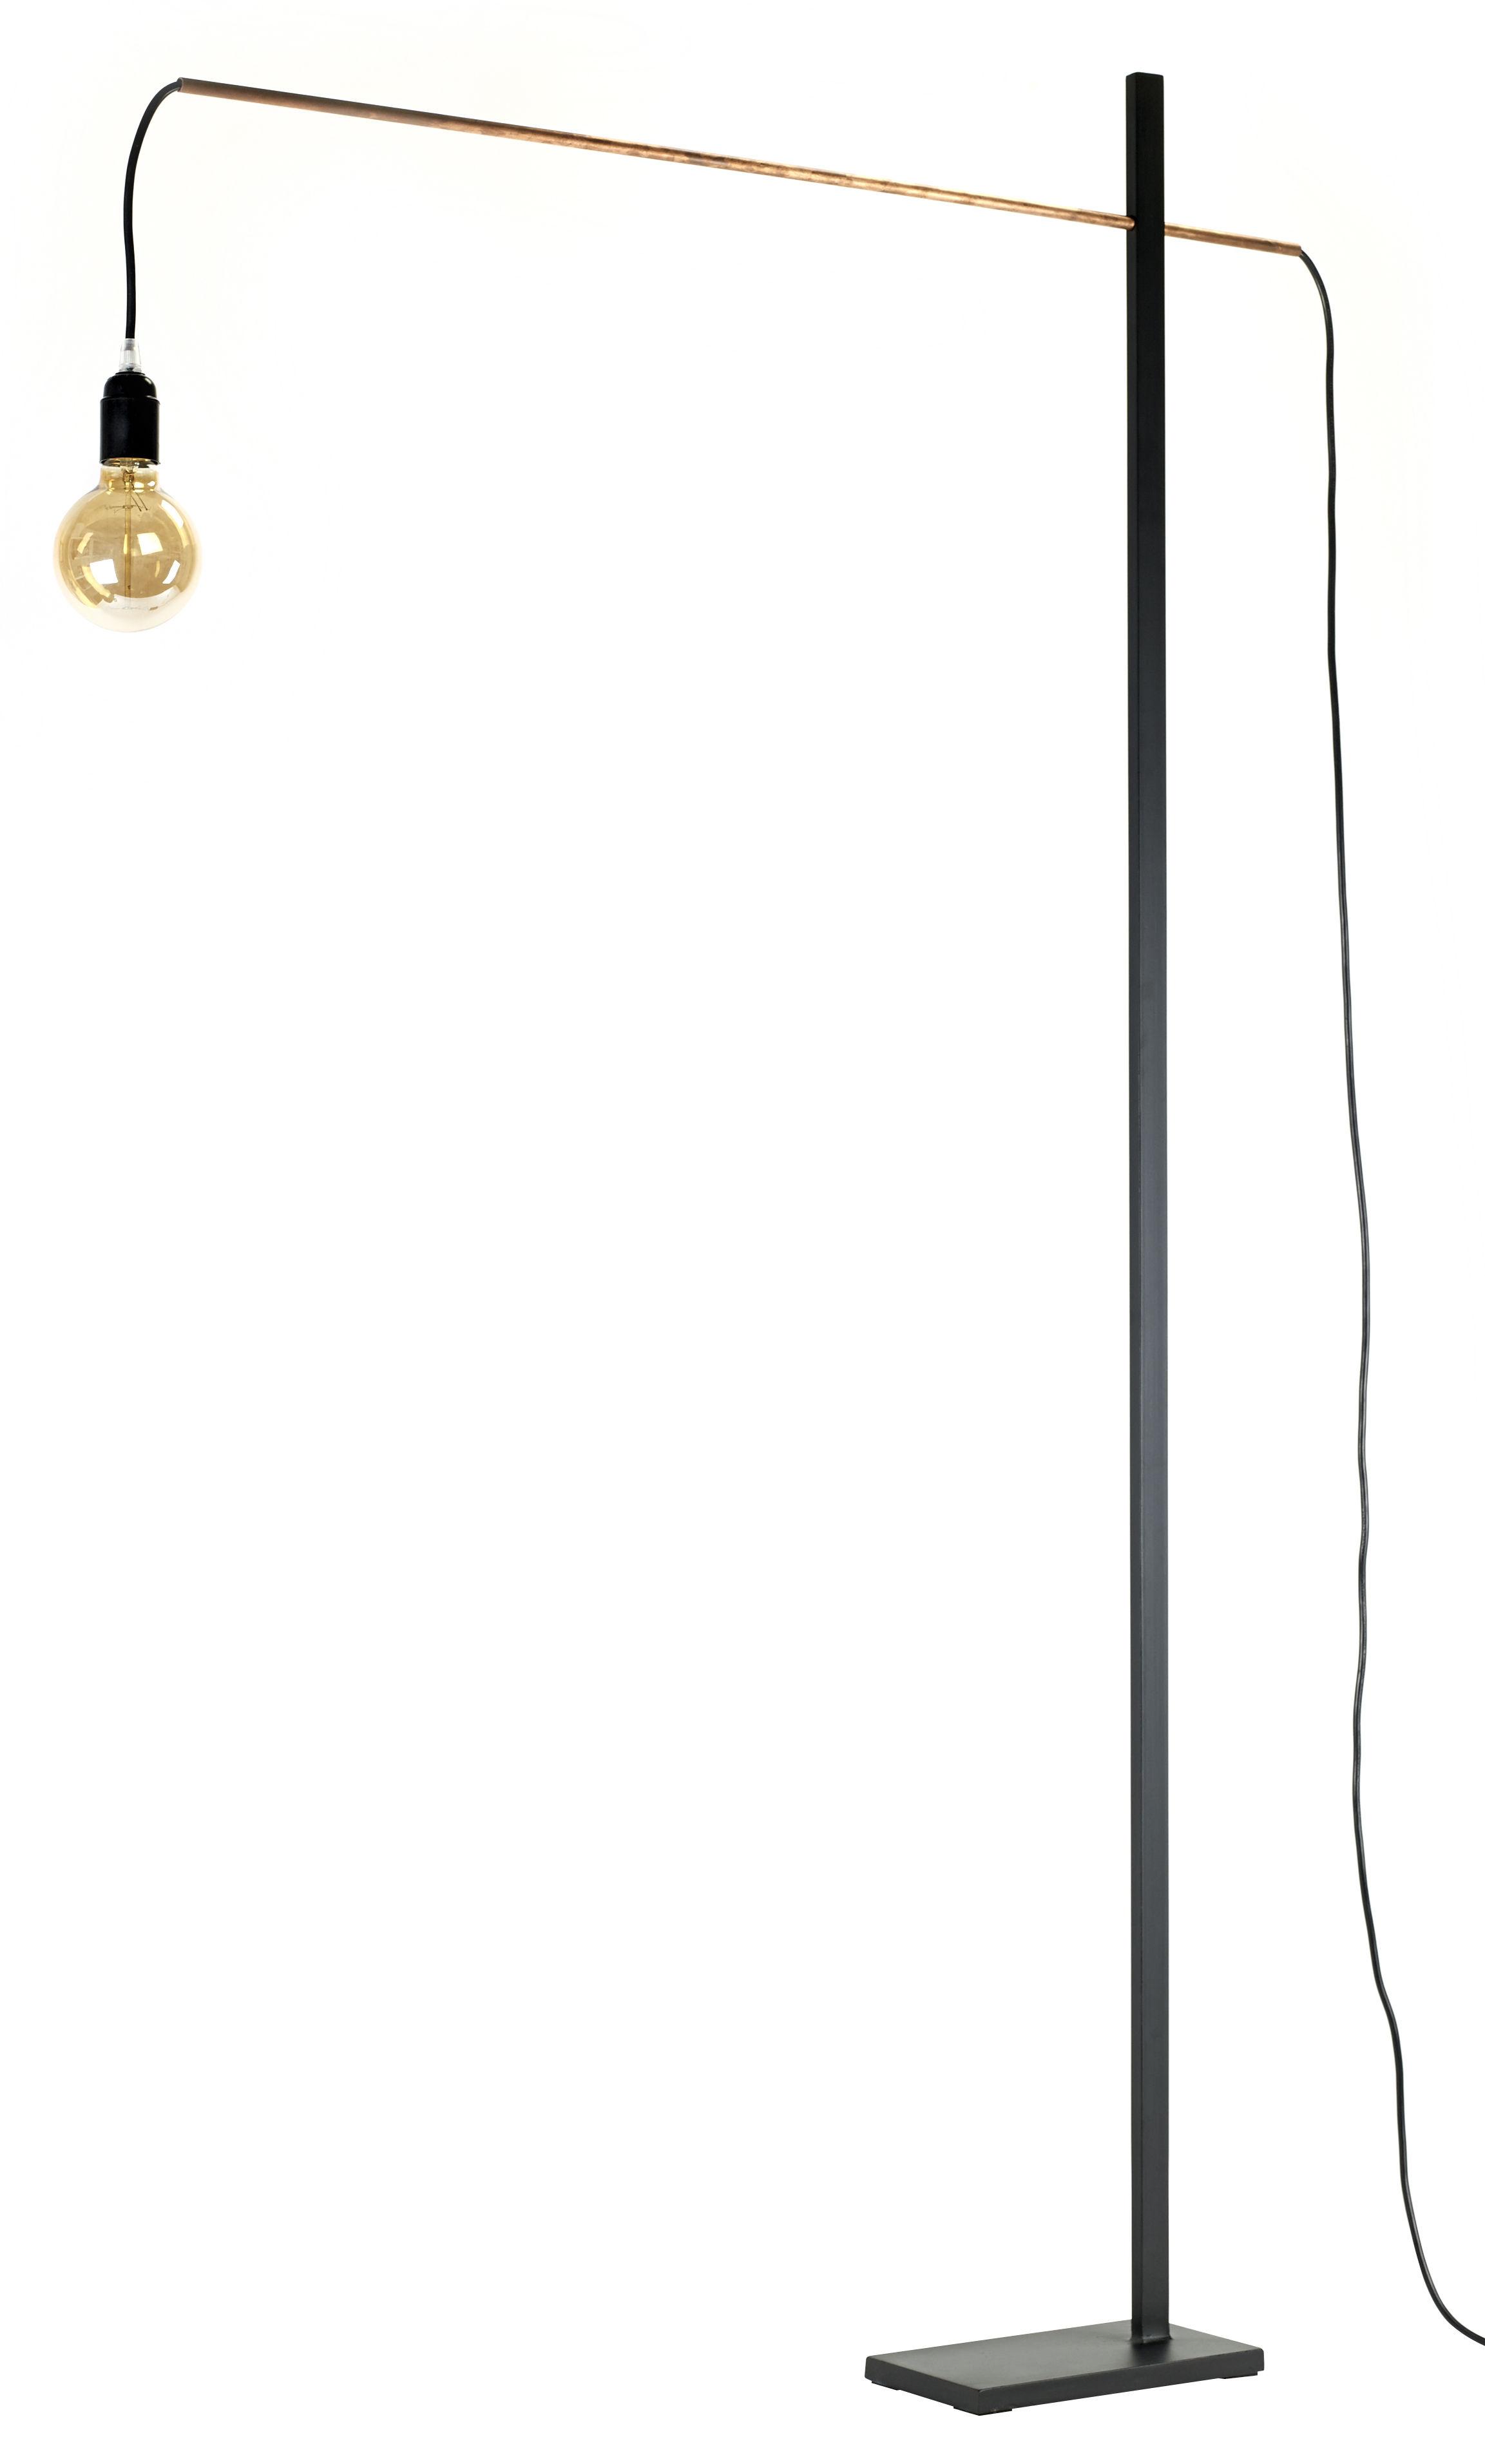 Lighting - Floor lamps - Flamingo Medium Floor lamp - / H 162 cm x L 90 cm by Serax - Black / Copper - Iron